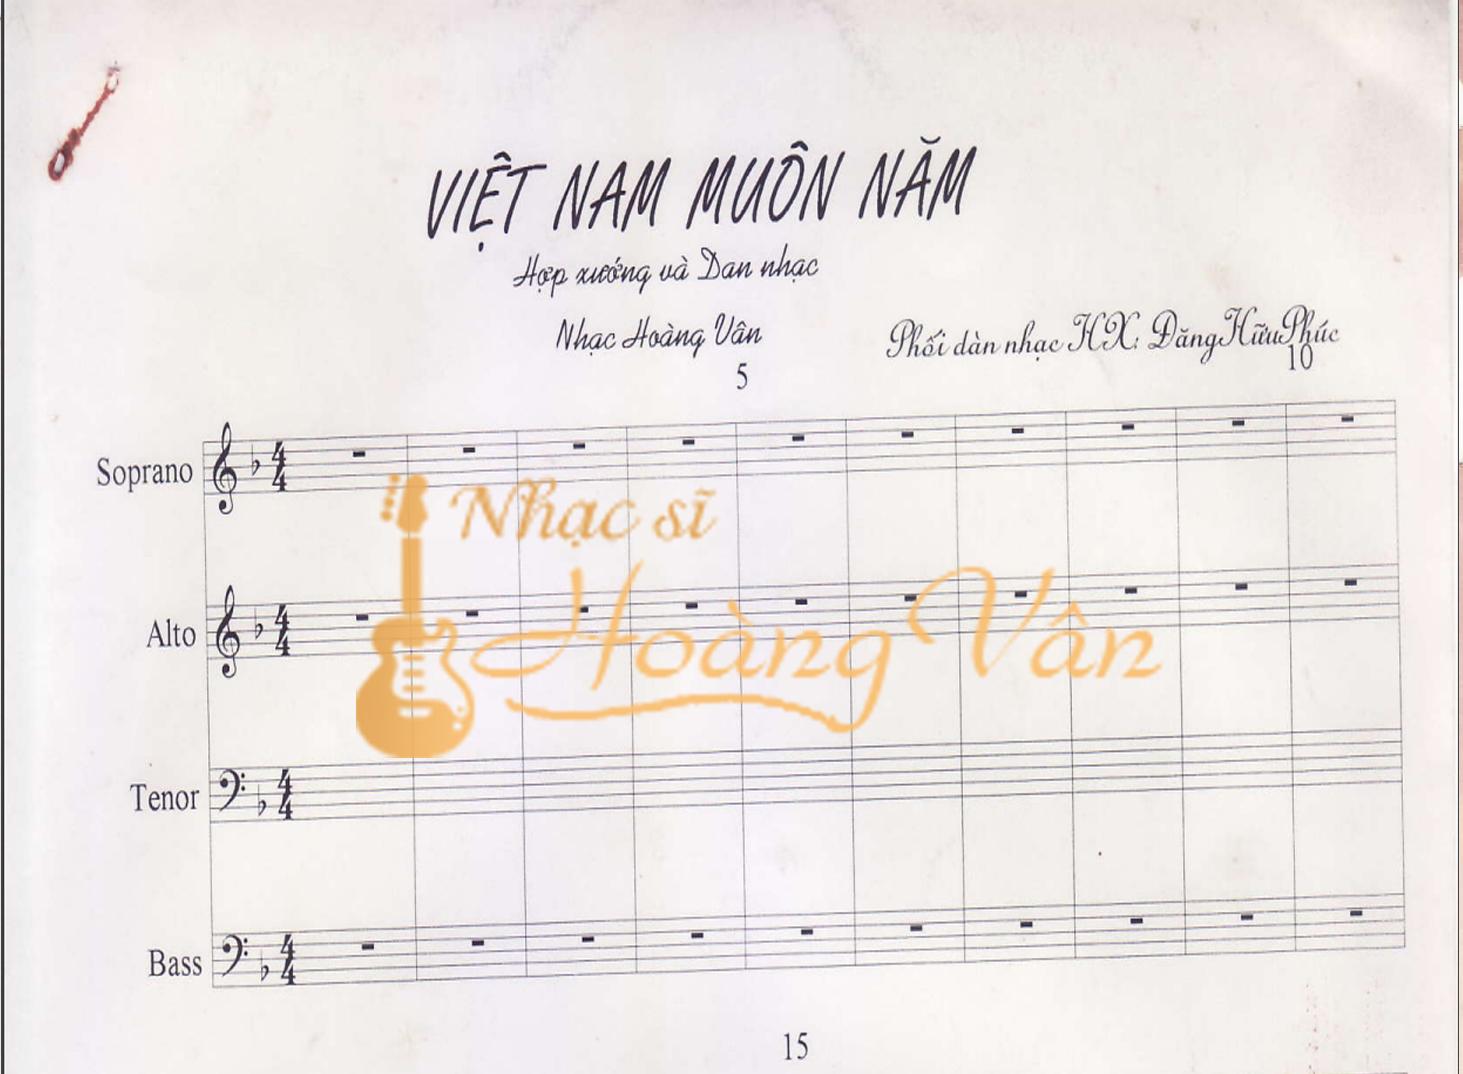 Việt Nam muôn năm (chương I bản Việt Nam Tổ Quốc ta anh hùng)